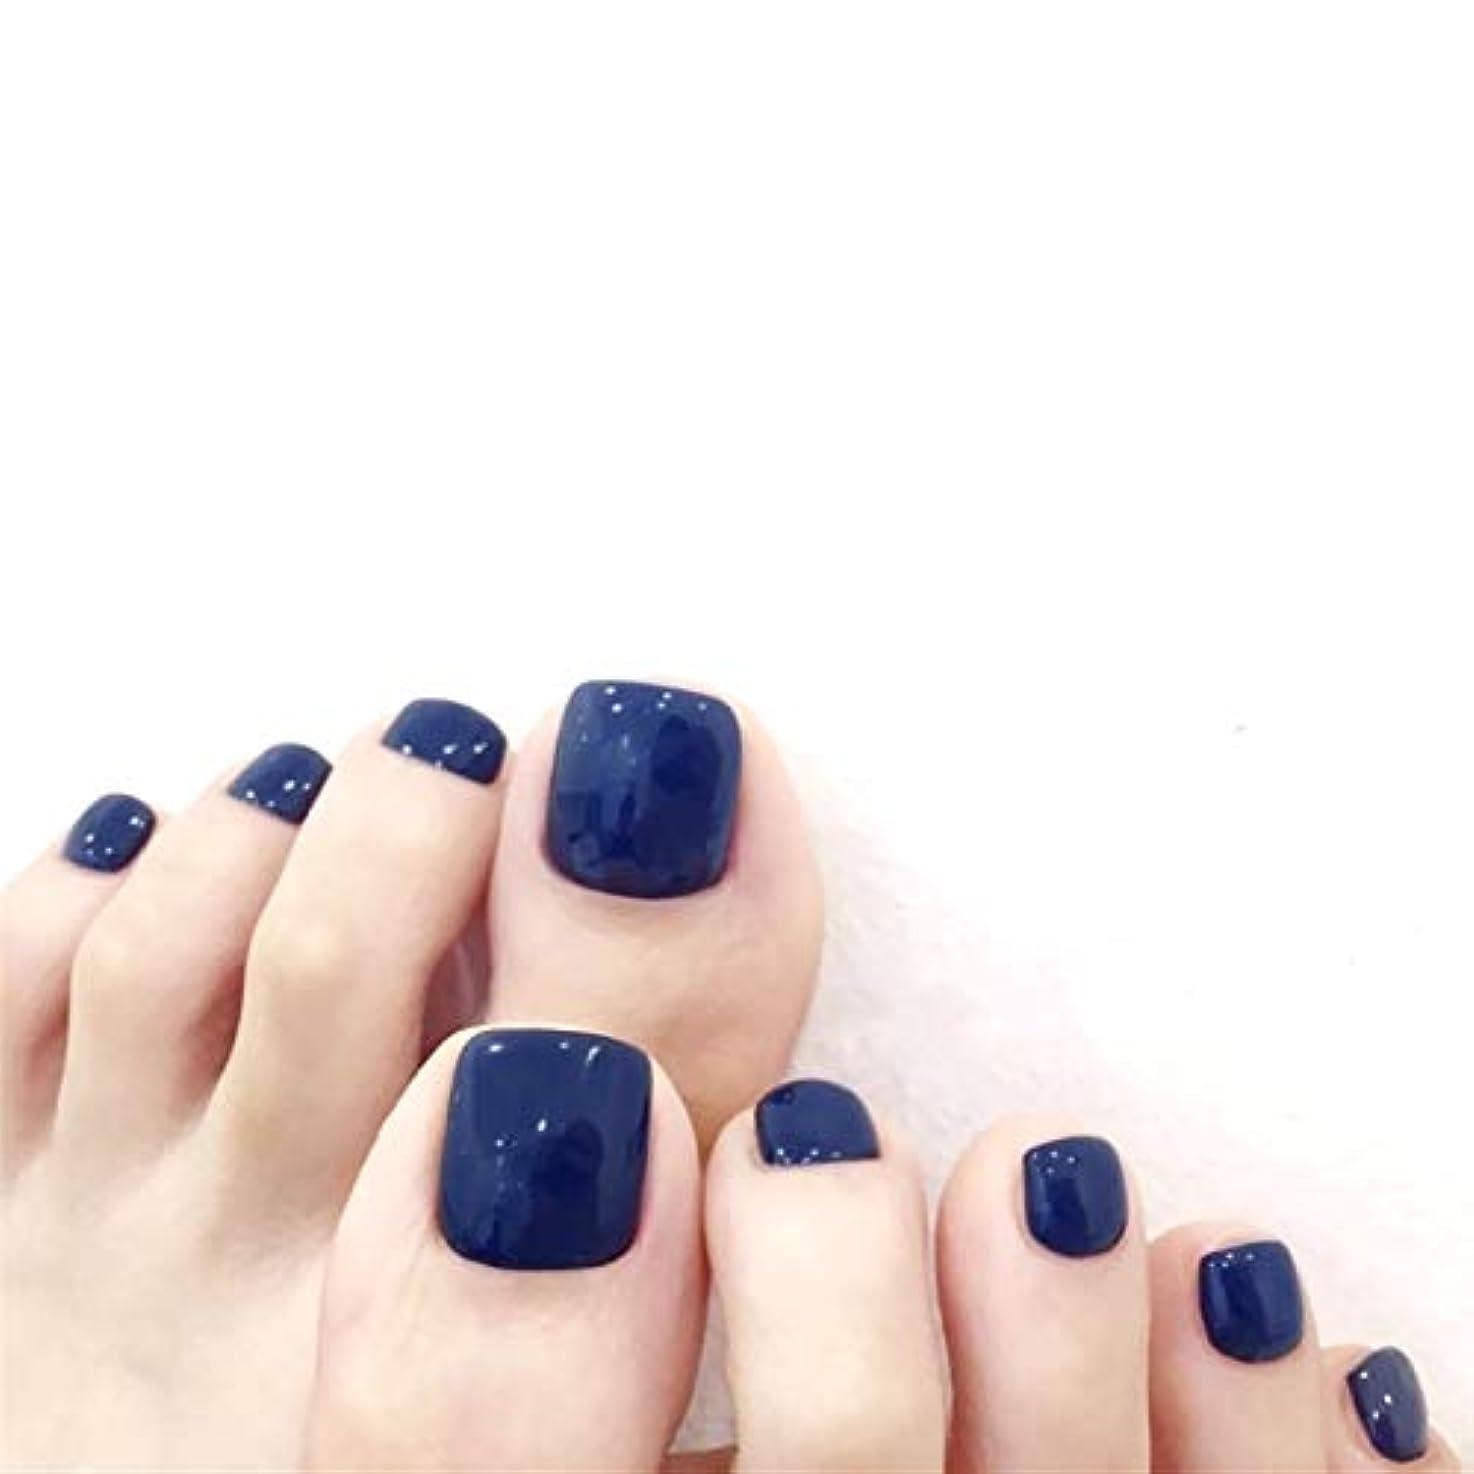 イブニング説得力のある映画ネイビーブルー フットネイルチップ 足の爪用ネイルチップ 24枚セットつけ爪